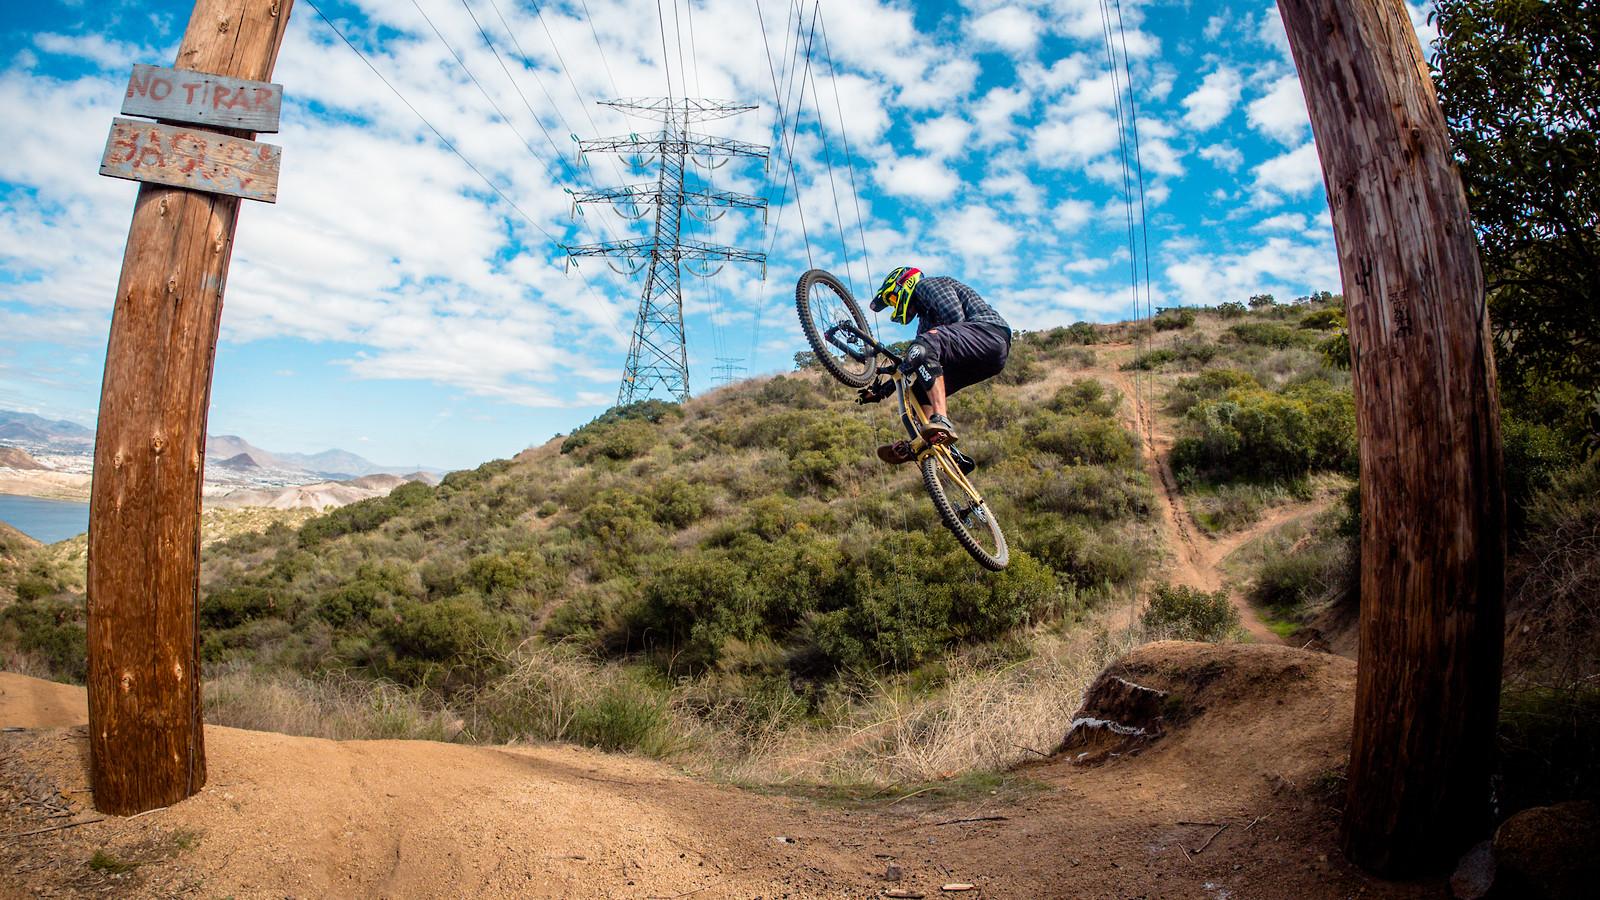 Enduro Session - entronke - Mountain Biking Pictures - Vital MTB